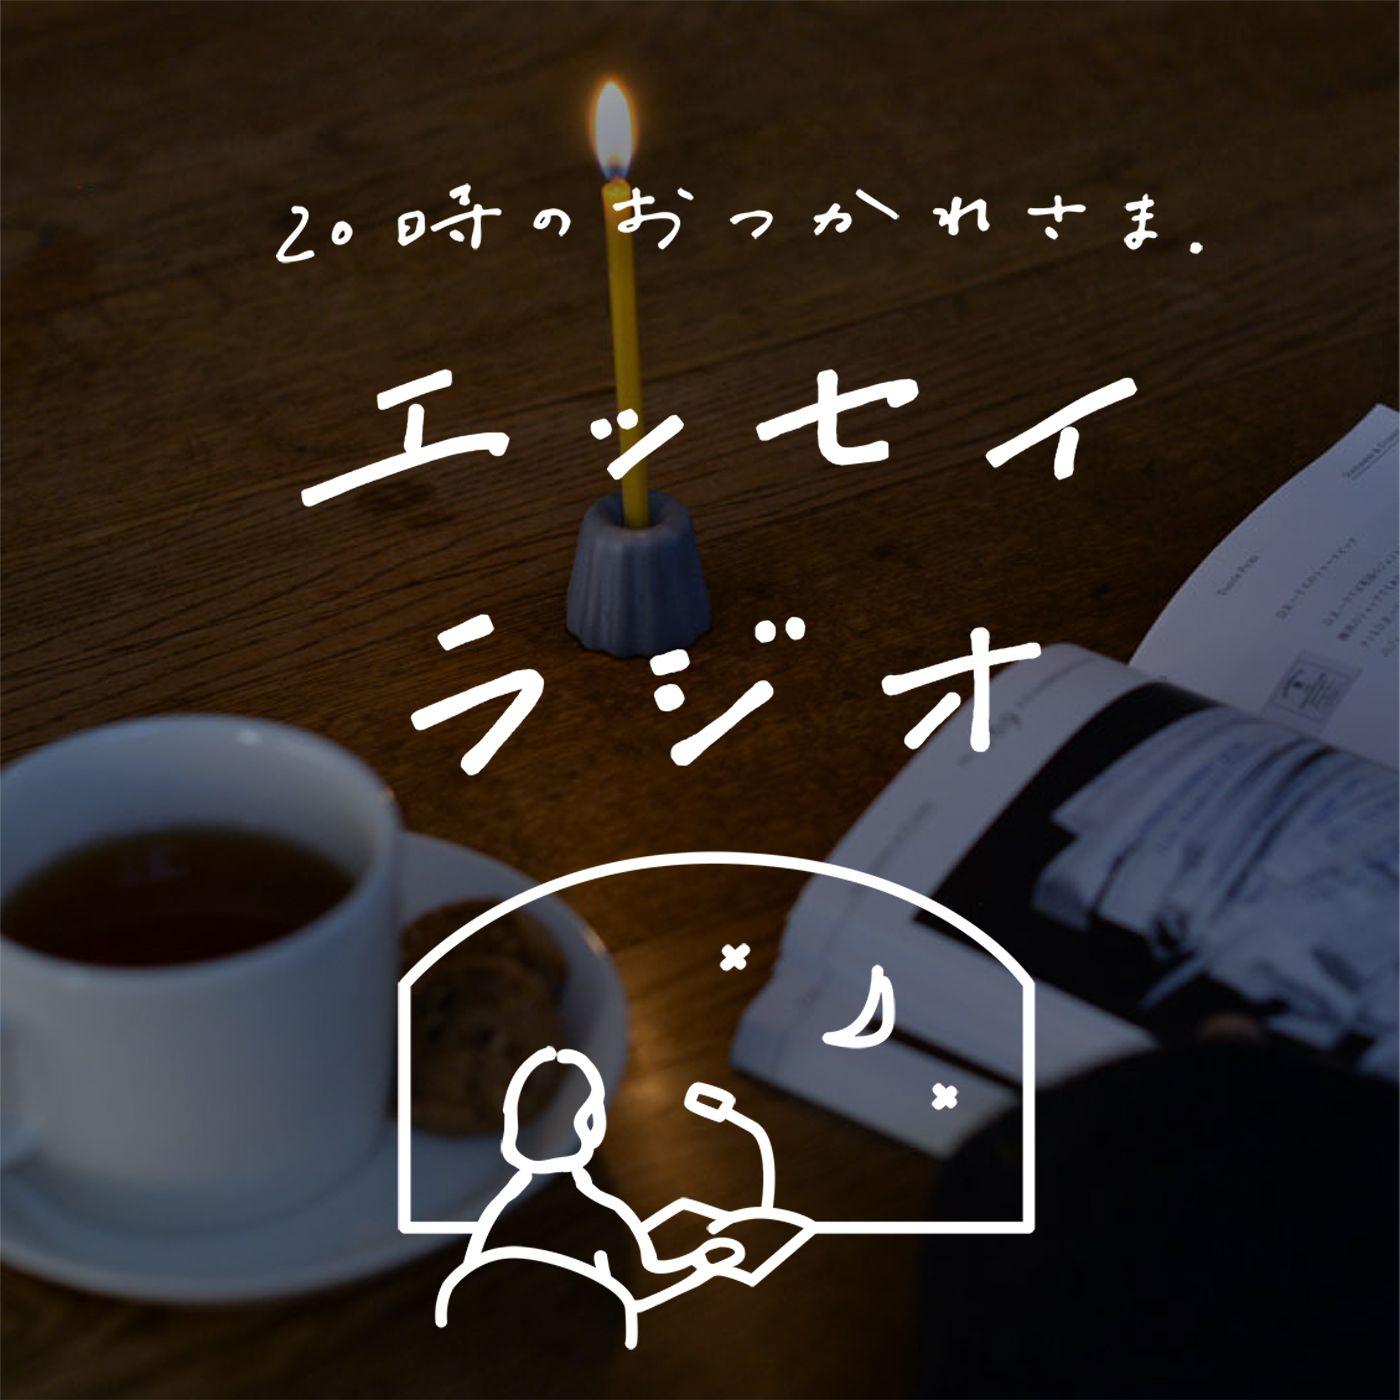 エッセイラジオ「20時のおつかれさま」